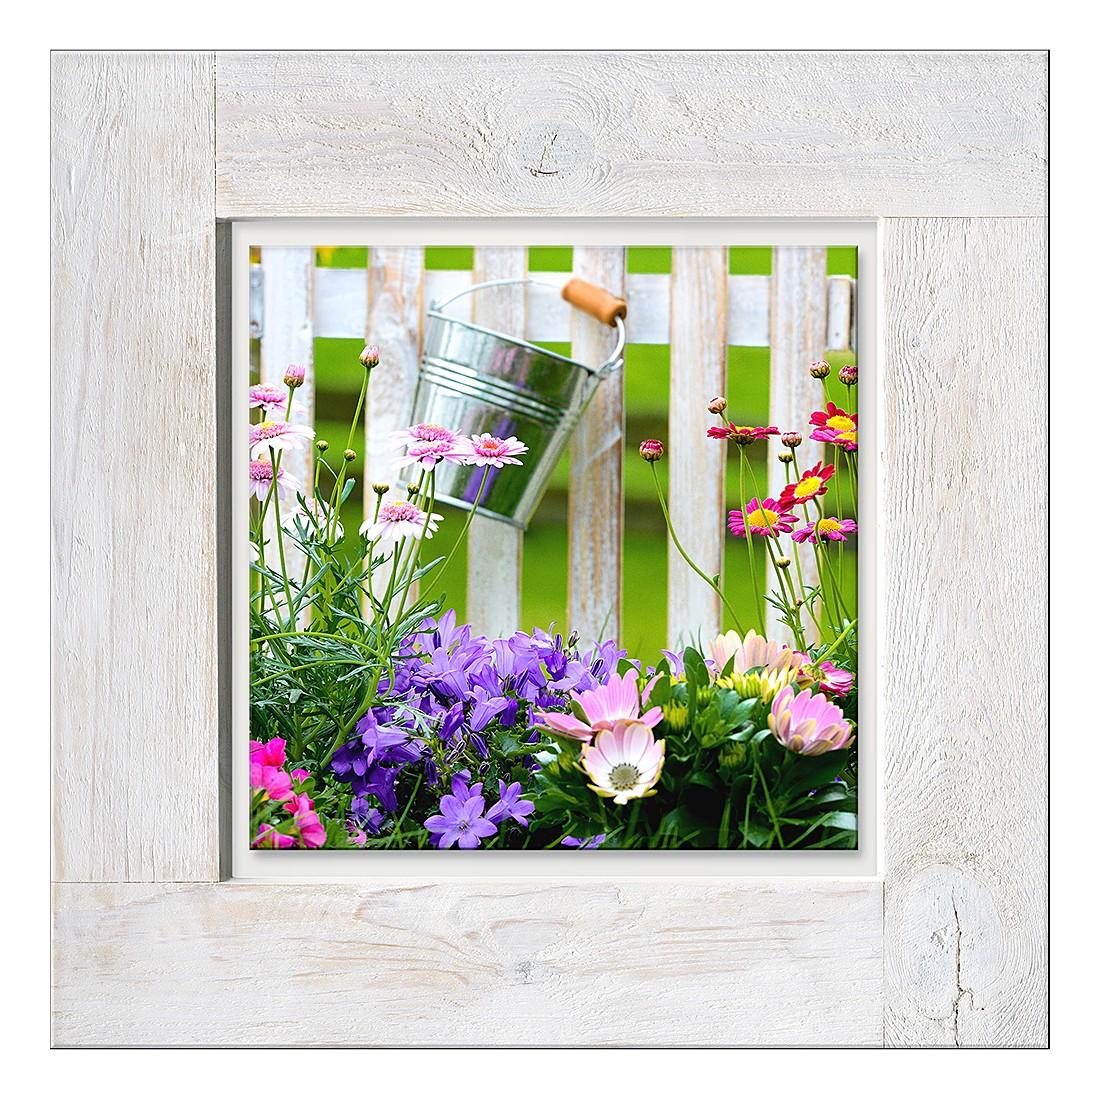 Home 24 - Sous-verre lovely garden ii, pro art